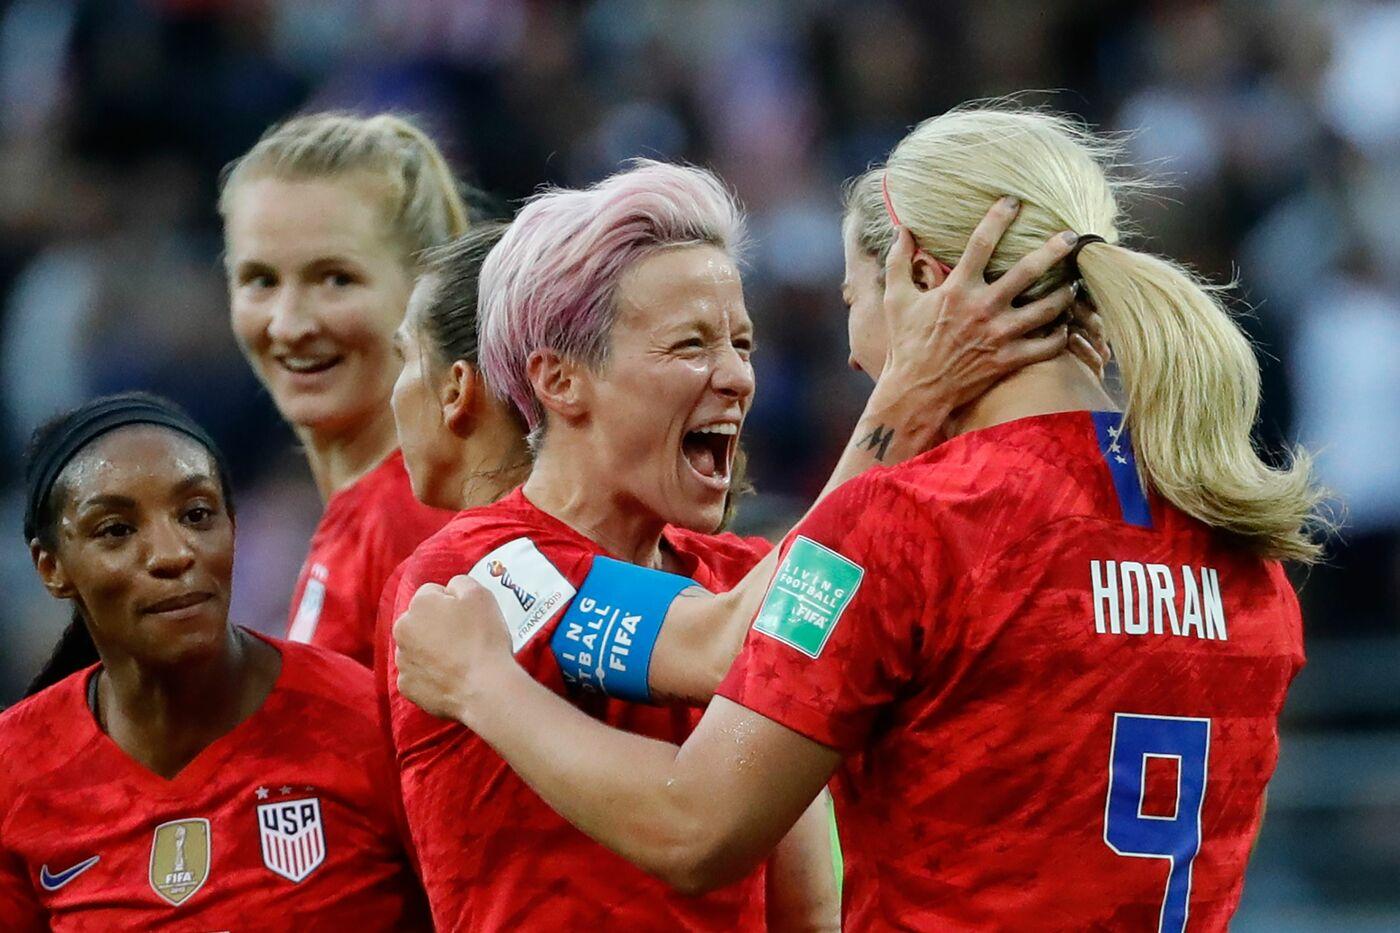 Mondiale donne, Svezia-USA giovedì 20 giugno: analisi e pronostico della terza giornata del gruppo F. In campo le campionesse